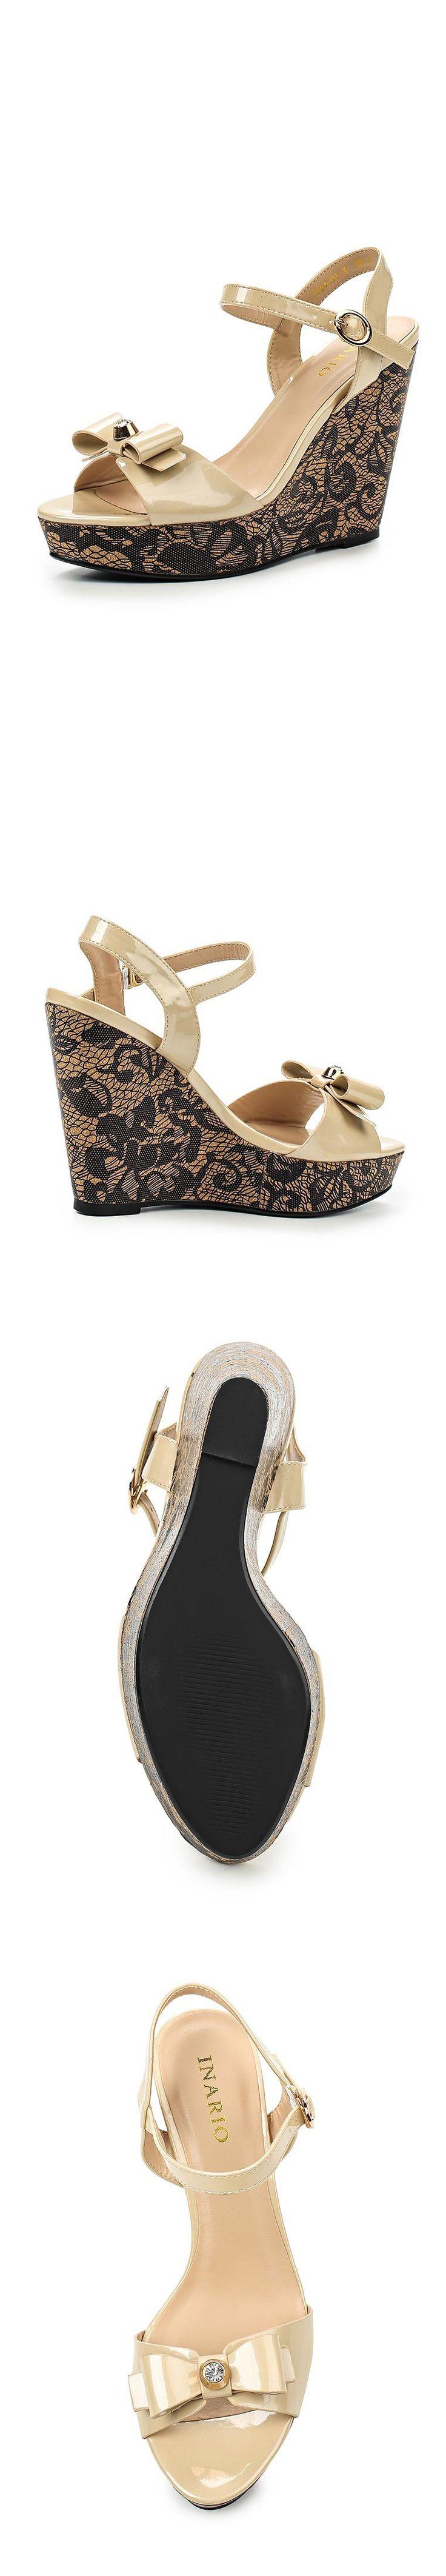 Женская обувь босоножки Inario за 2690.00 руб.